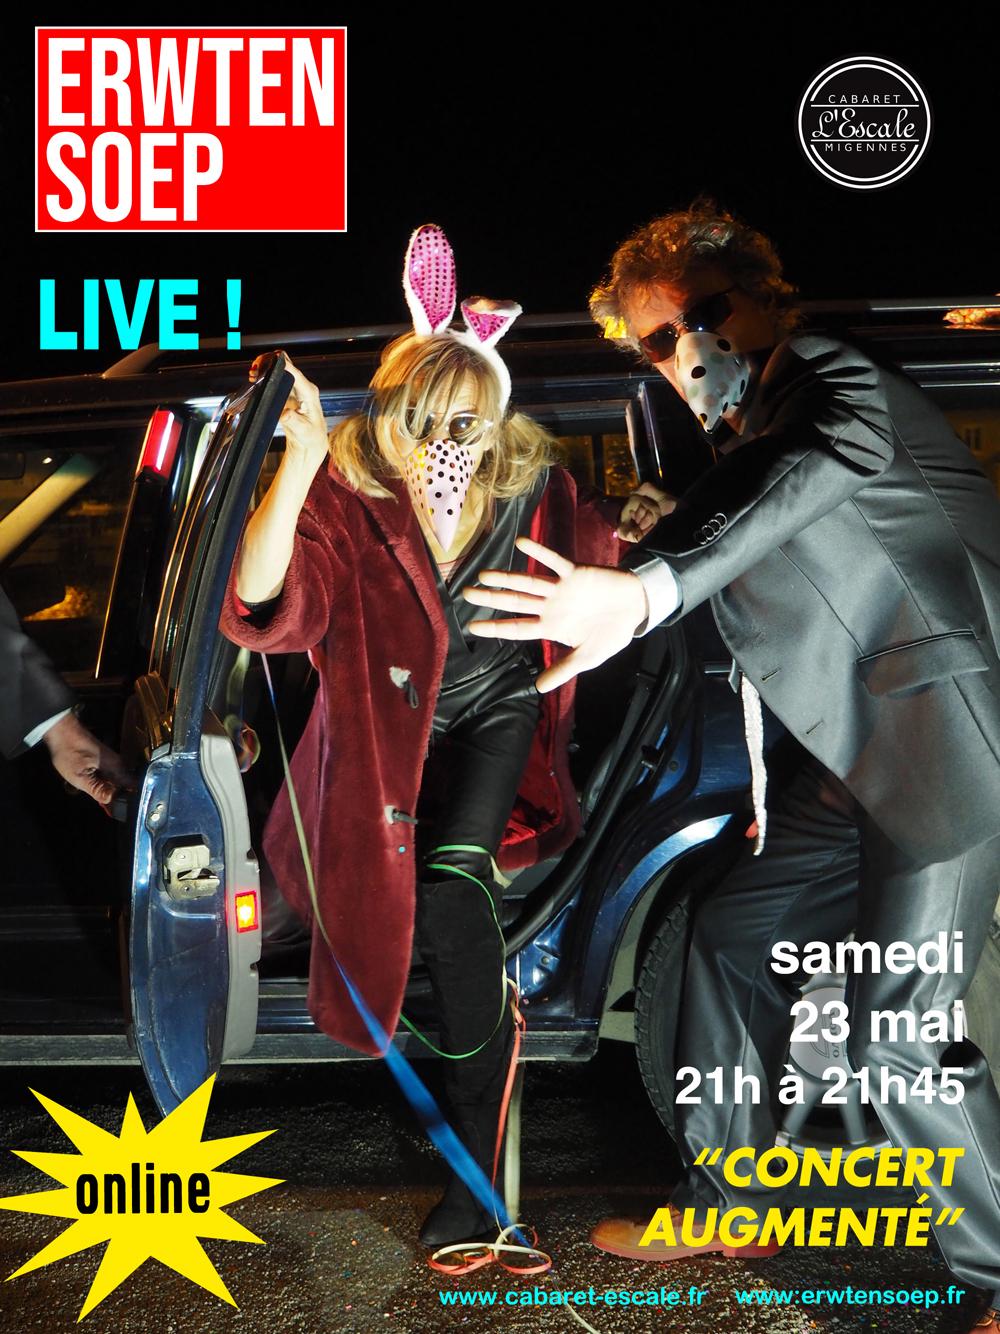 Concert live augmenté